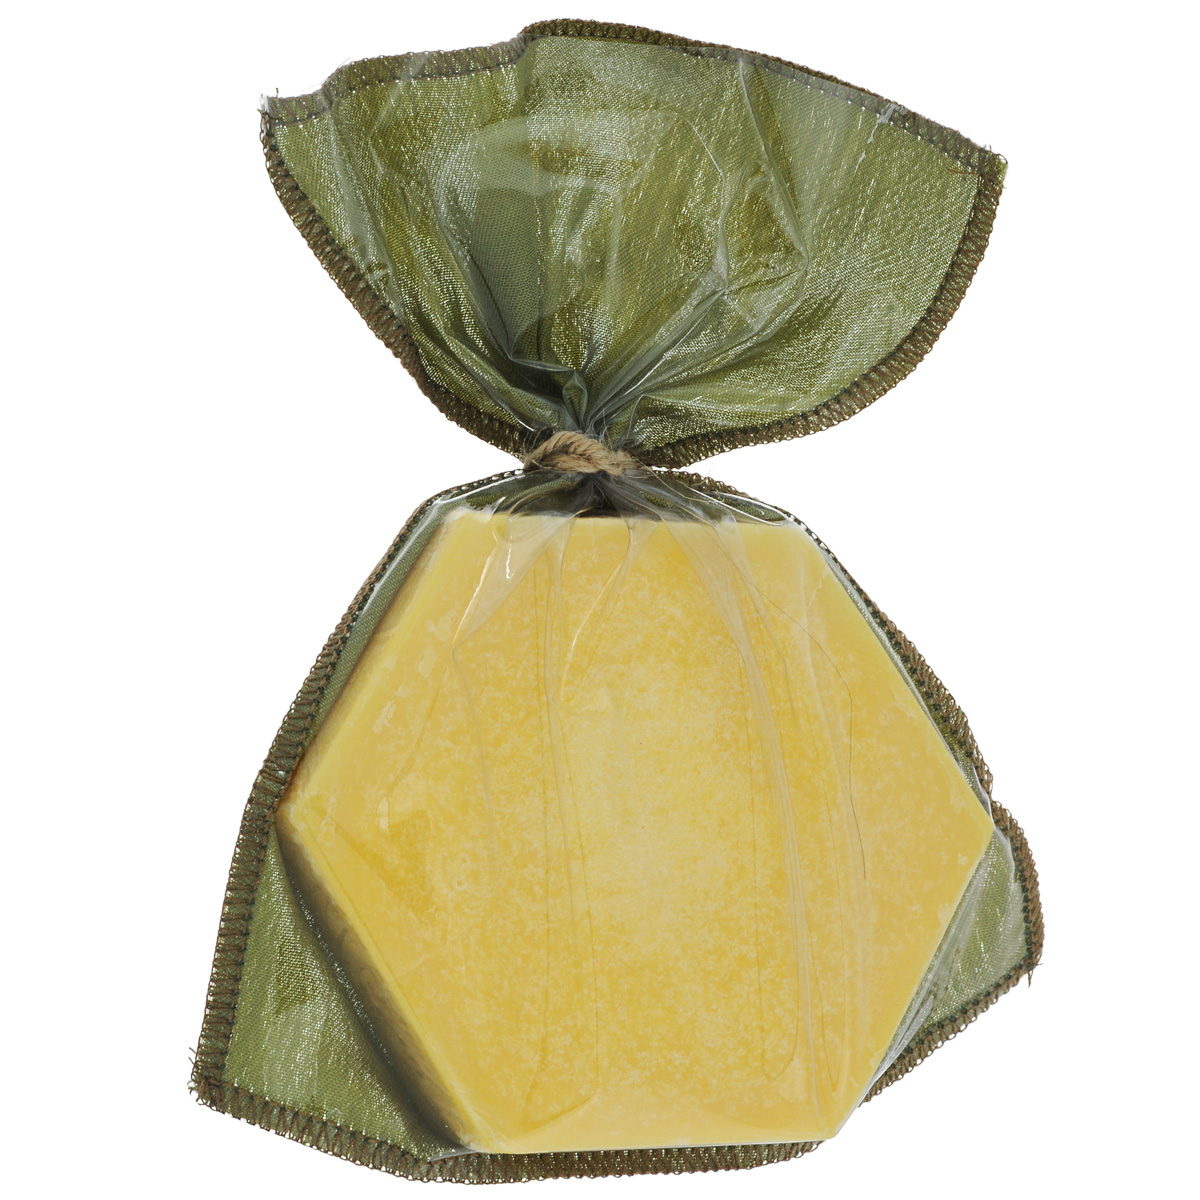 Зейтун Твёрдое массажное масло для тела №4 Лифтинг, 100 гFS-36054Защищает кожу от растяжек и потери эластичности, стимулирует обменные процессы, способствуя интенсивной регенерации. Увлажняет и питает кожу, поддерживая водный баланс и помогает создавать собственный липидный барьер. Равноценная натуральная альтернатива крему или молочку для тела. Быстро впитывается и не оставляет следов на одежде.